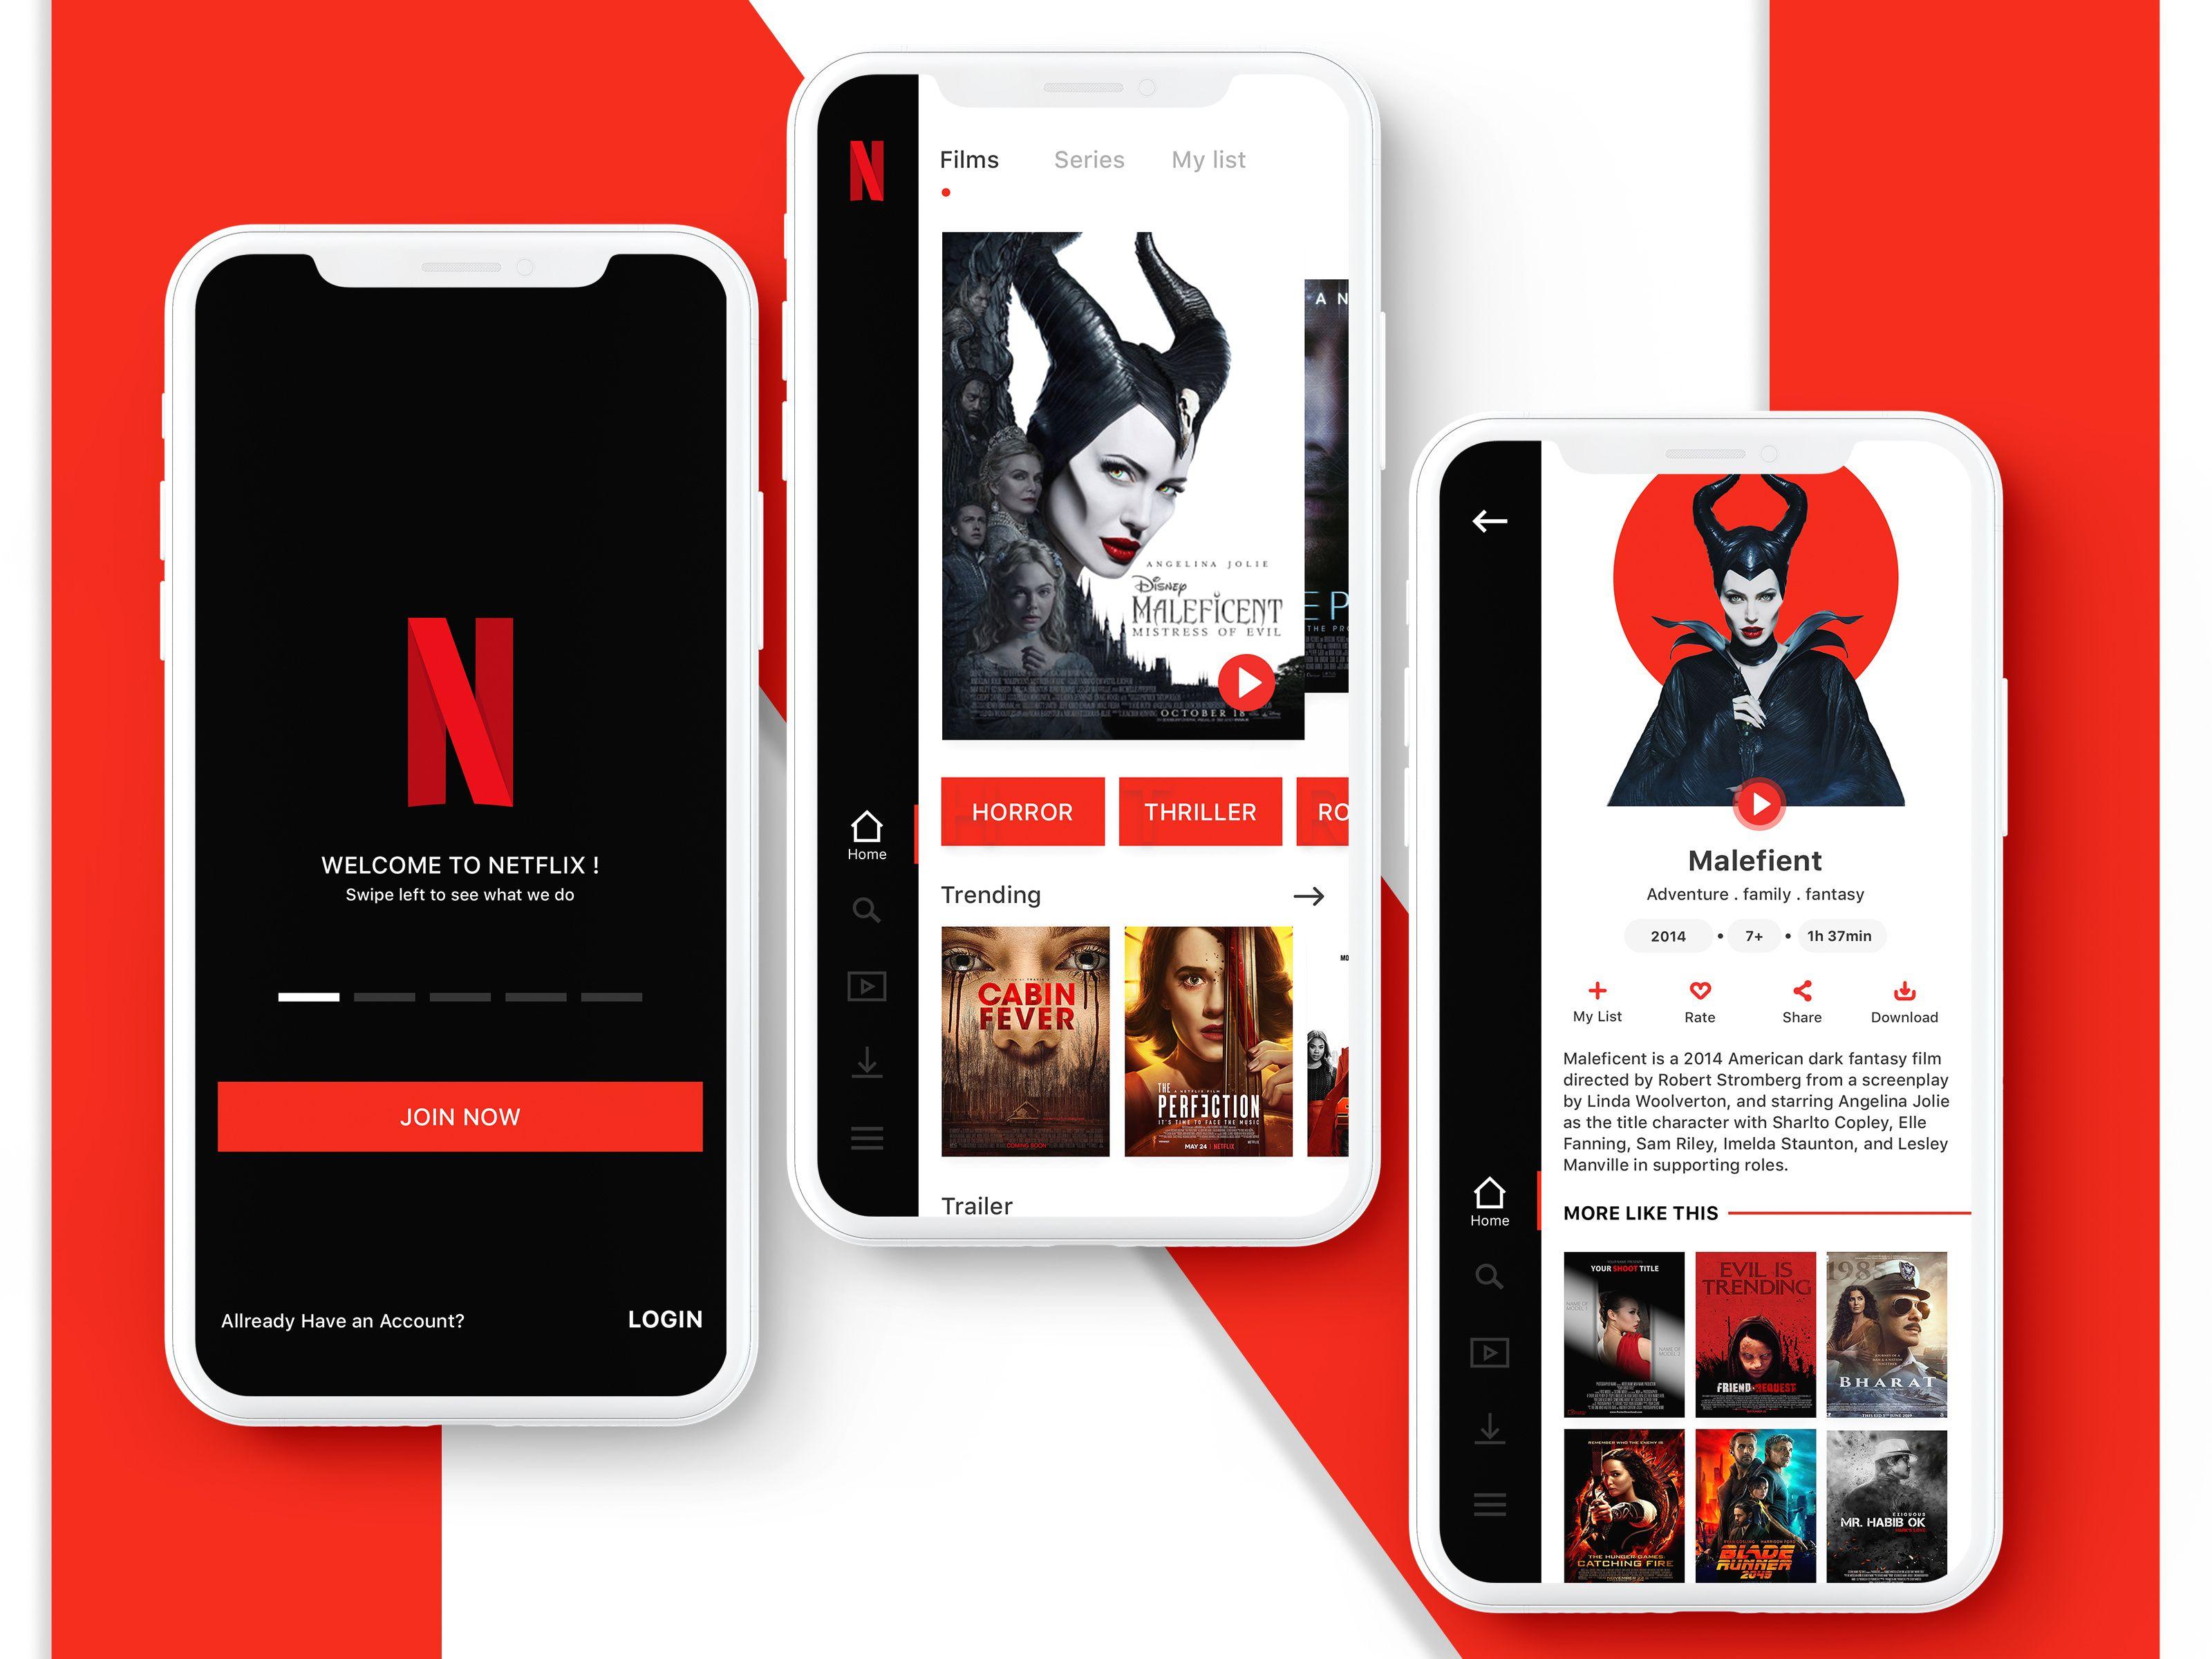 Netflix Redesign App Netflix App Design Netflix App